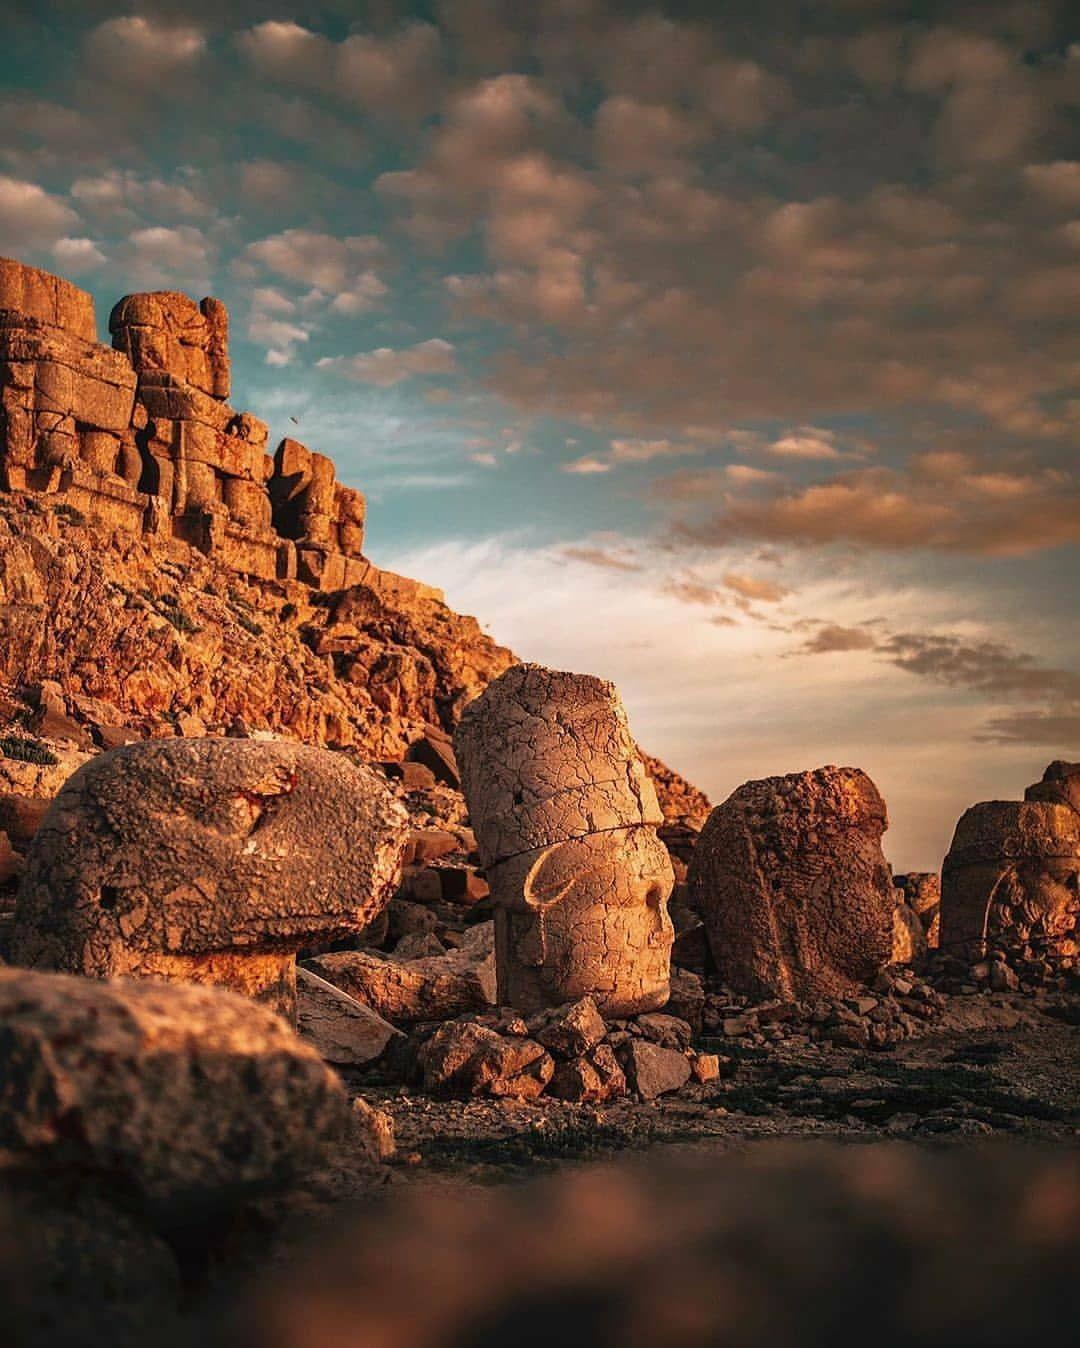 NEMRUT'DAN UFKA | ADIYAMAN